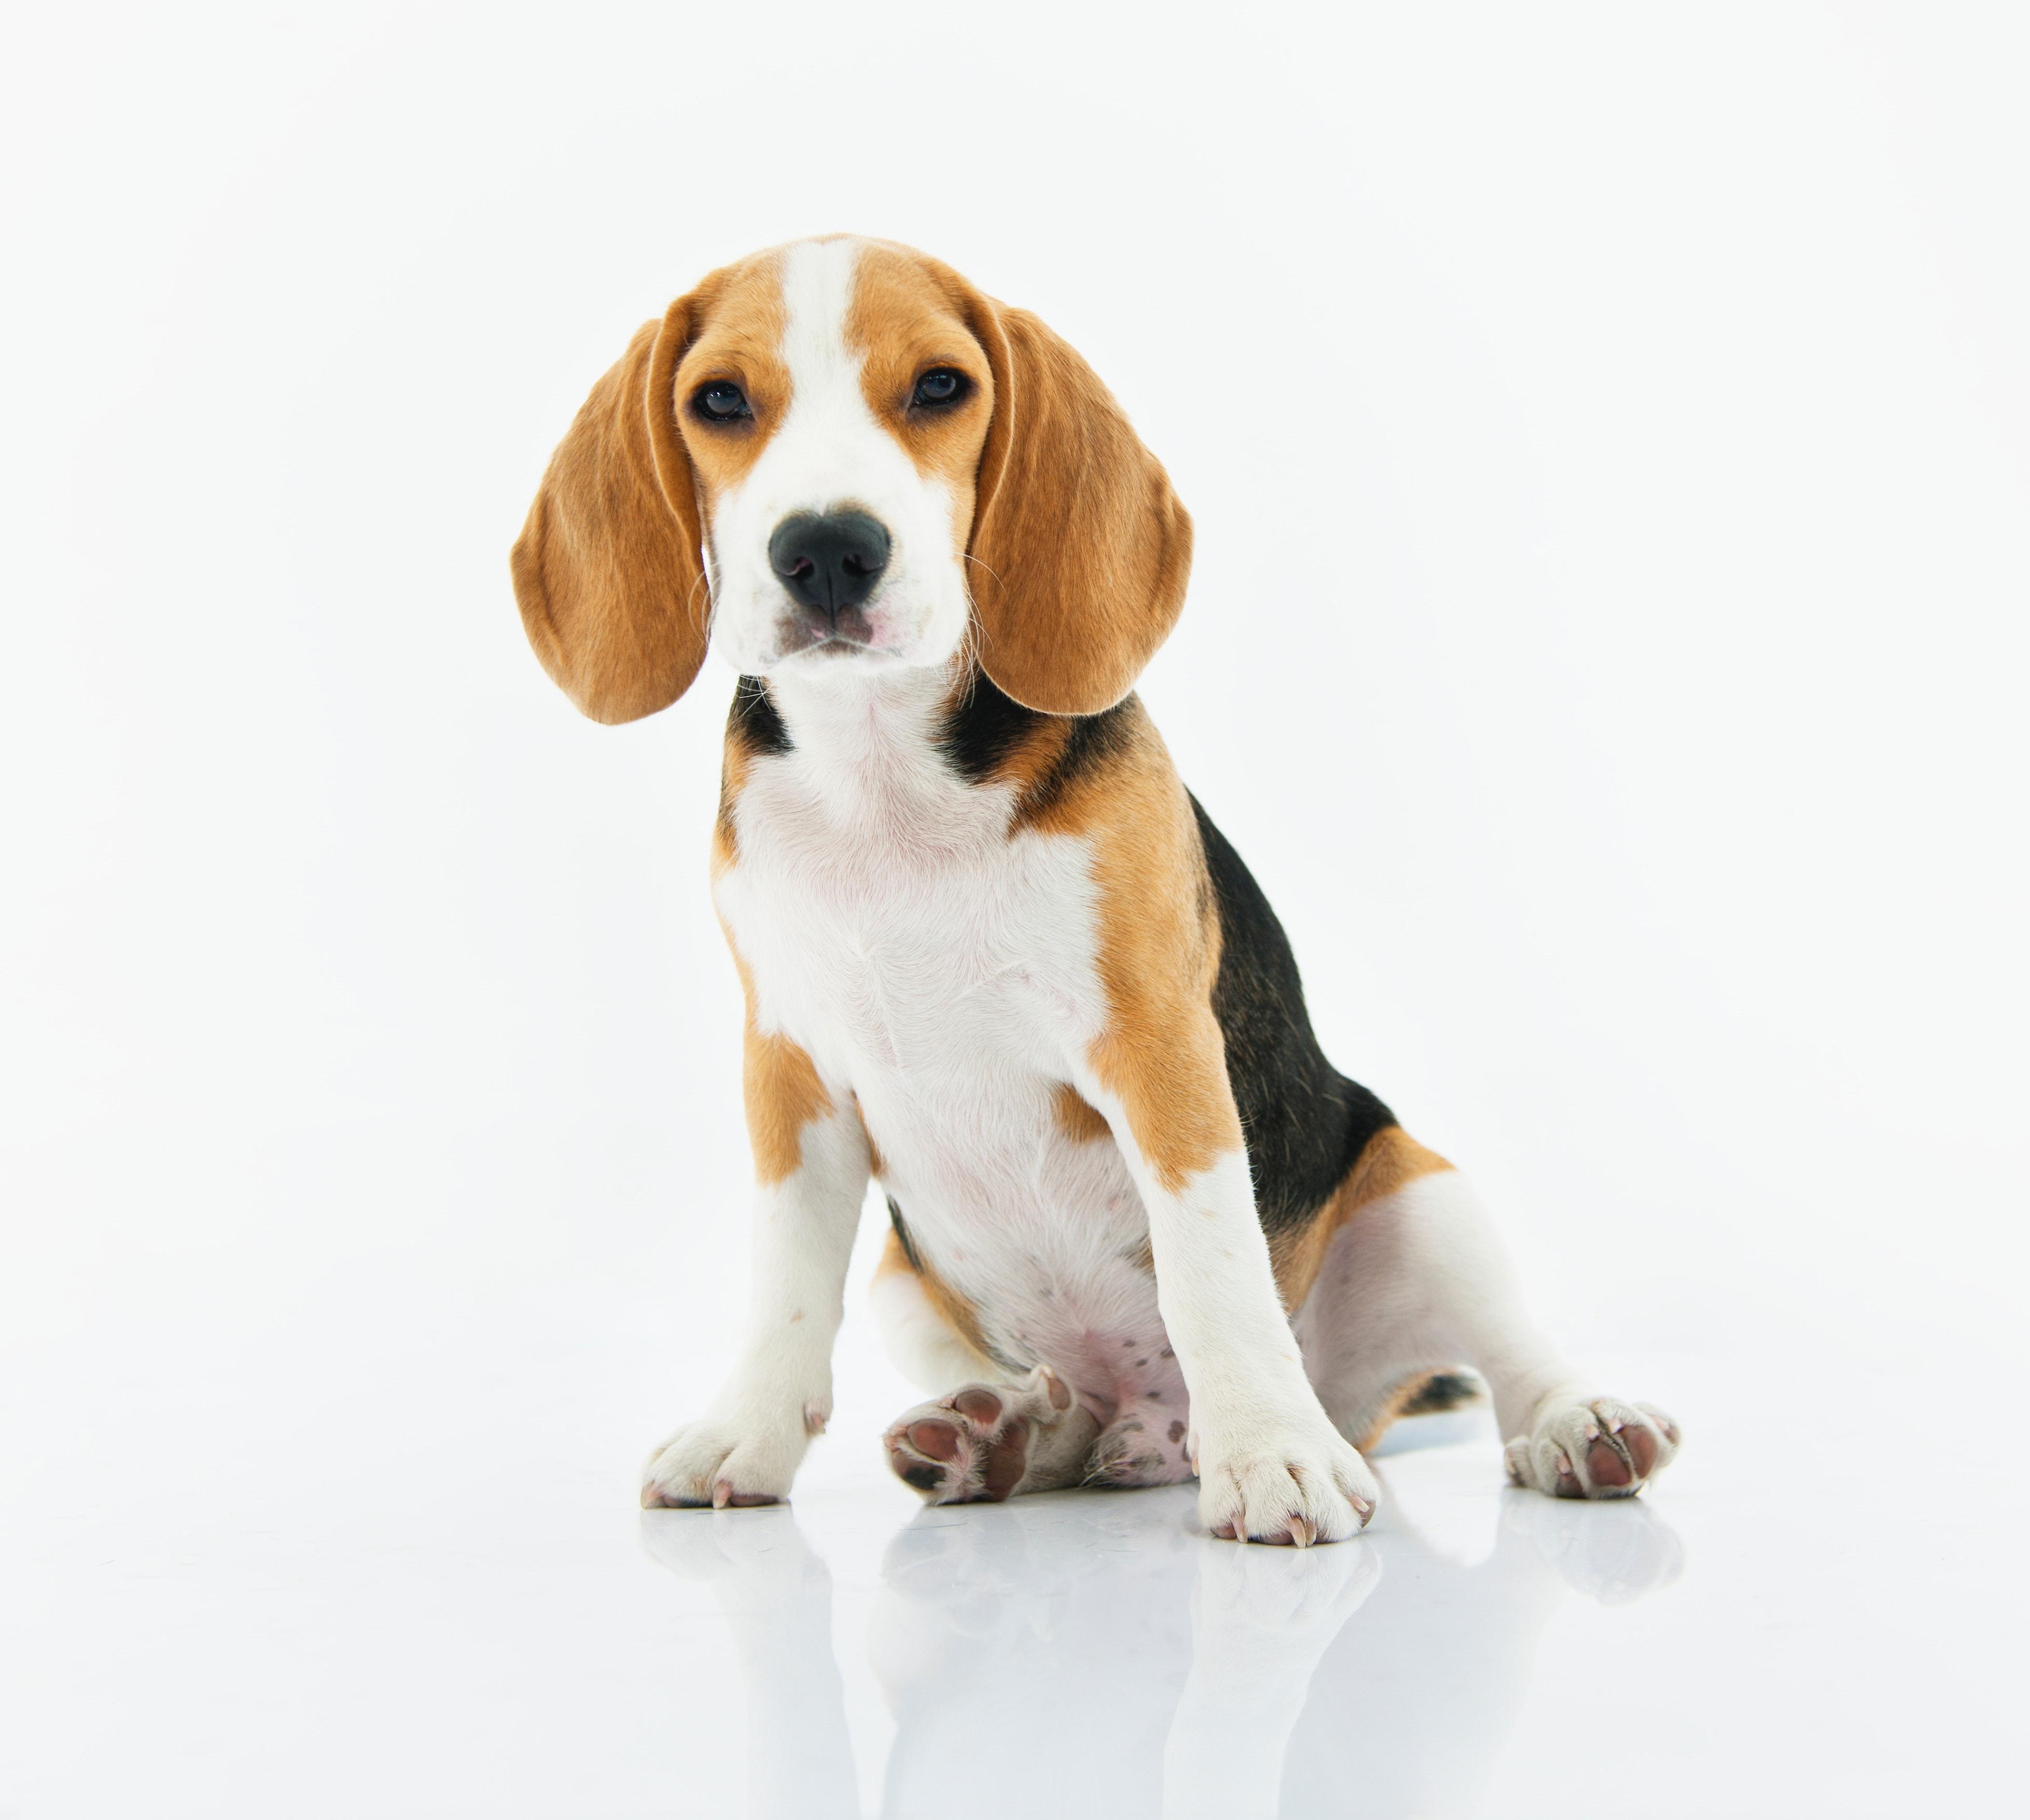 Best Dog for kids Beagle